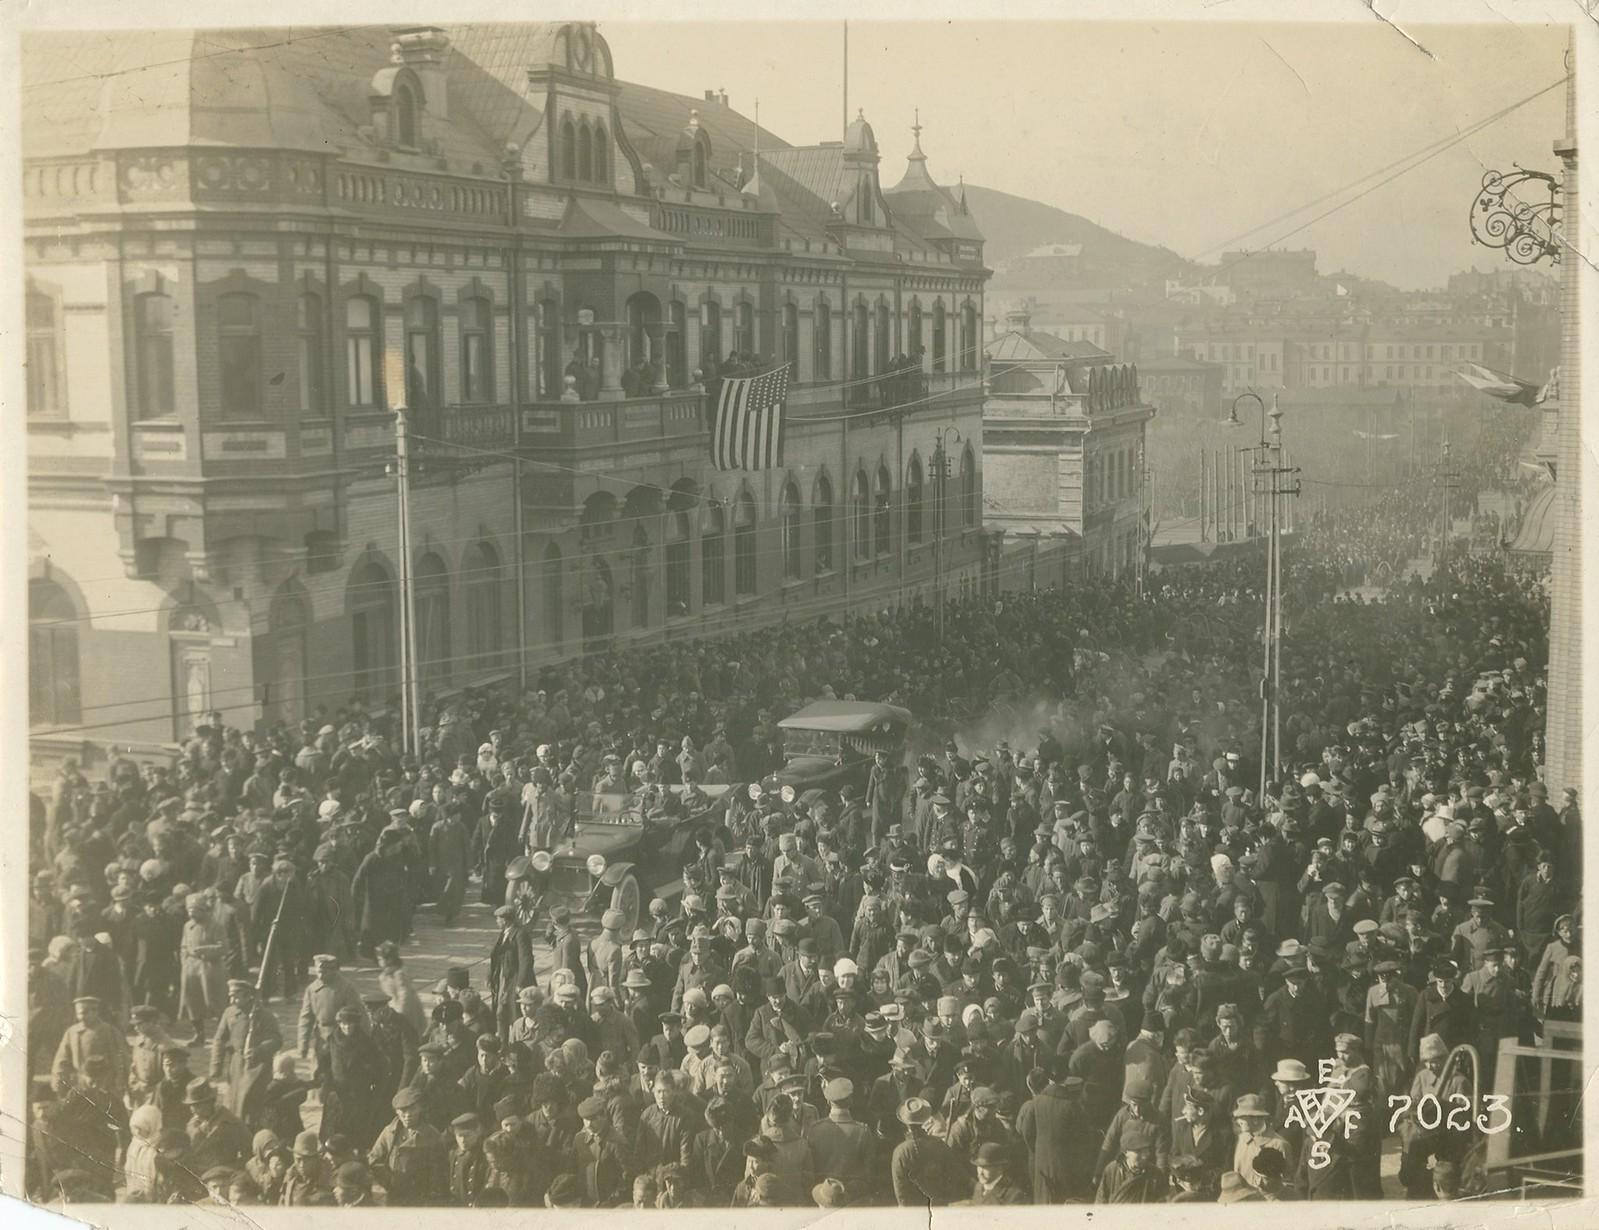 32. 1918. Парад завершился прохождением частей Чехословацкого корпуса. 15 ноября3